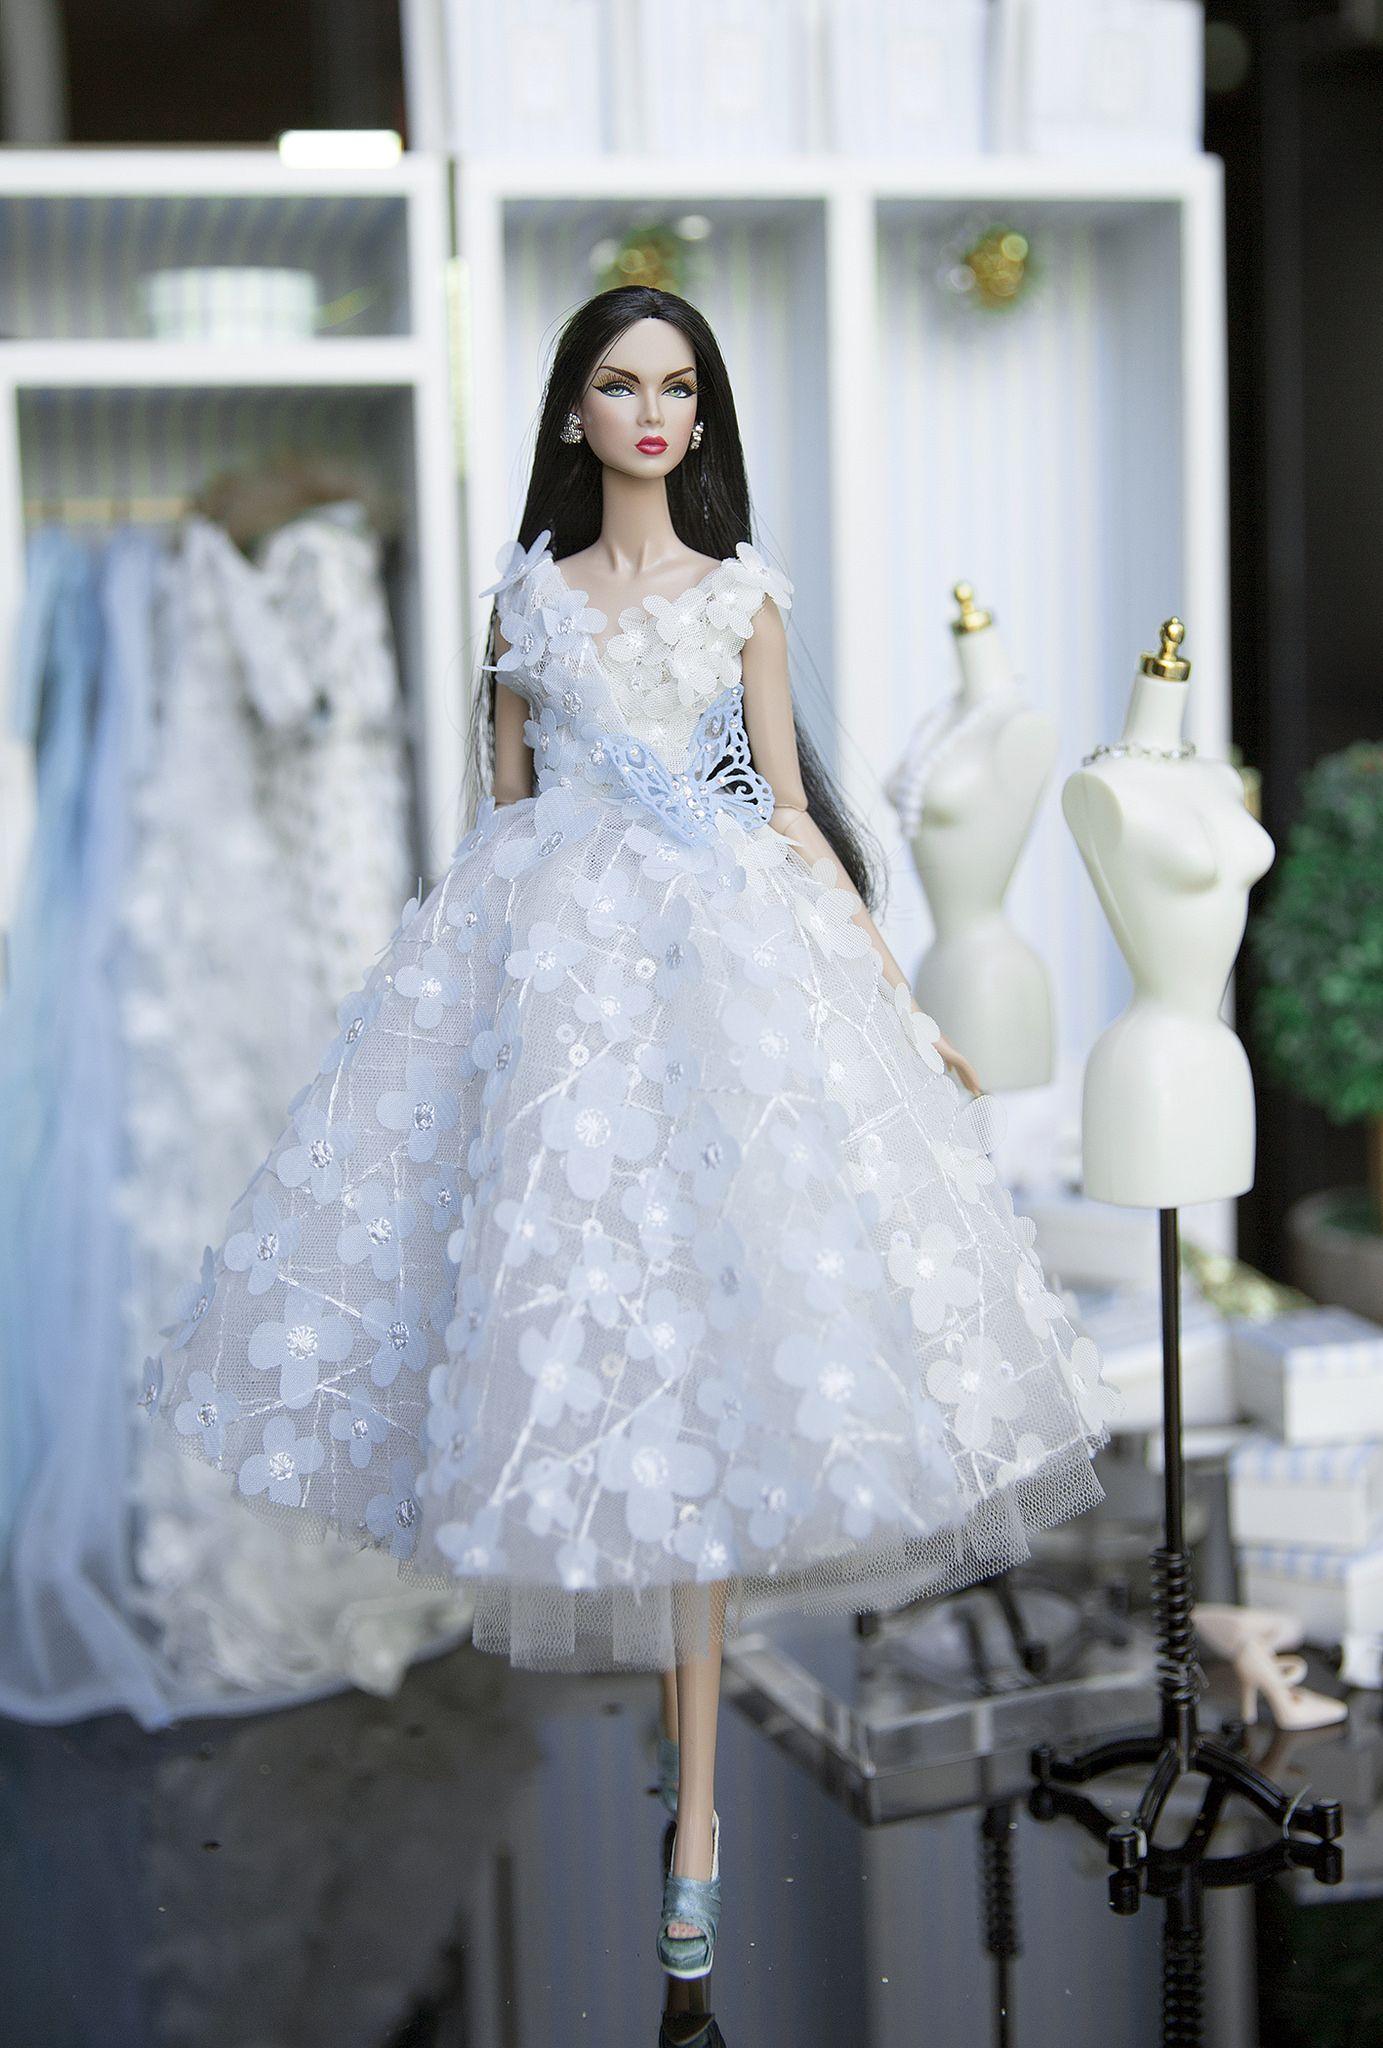 https://www.etsy.com/listing/520878651/fashion-royalty-lilith-ooak ...